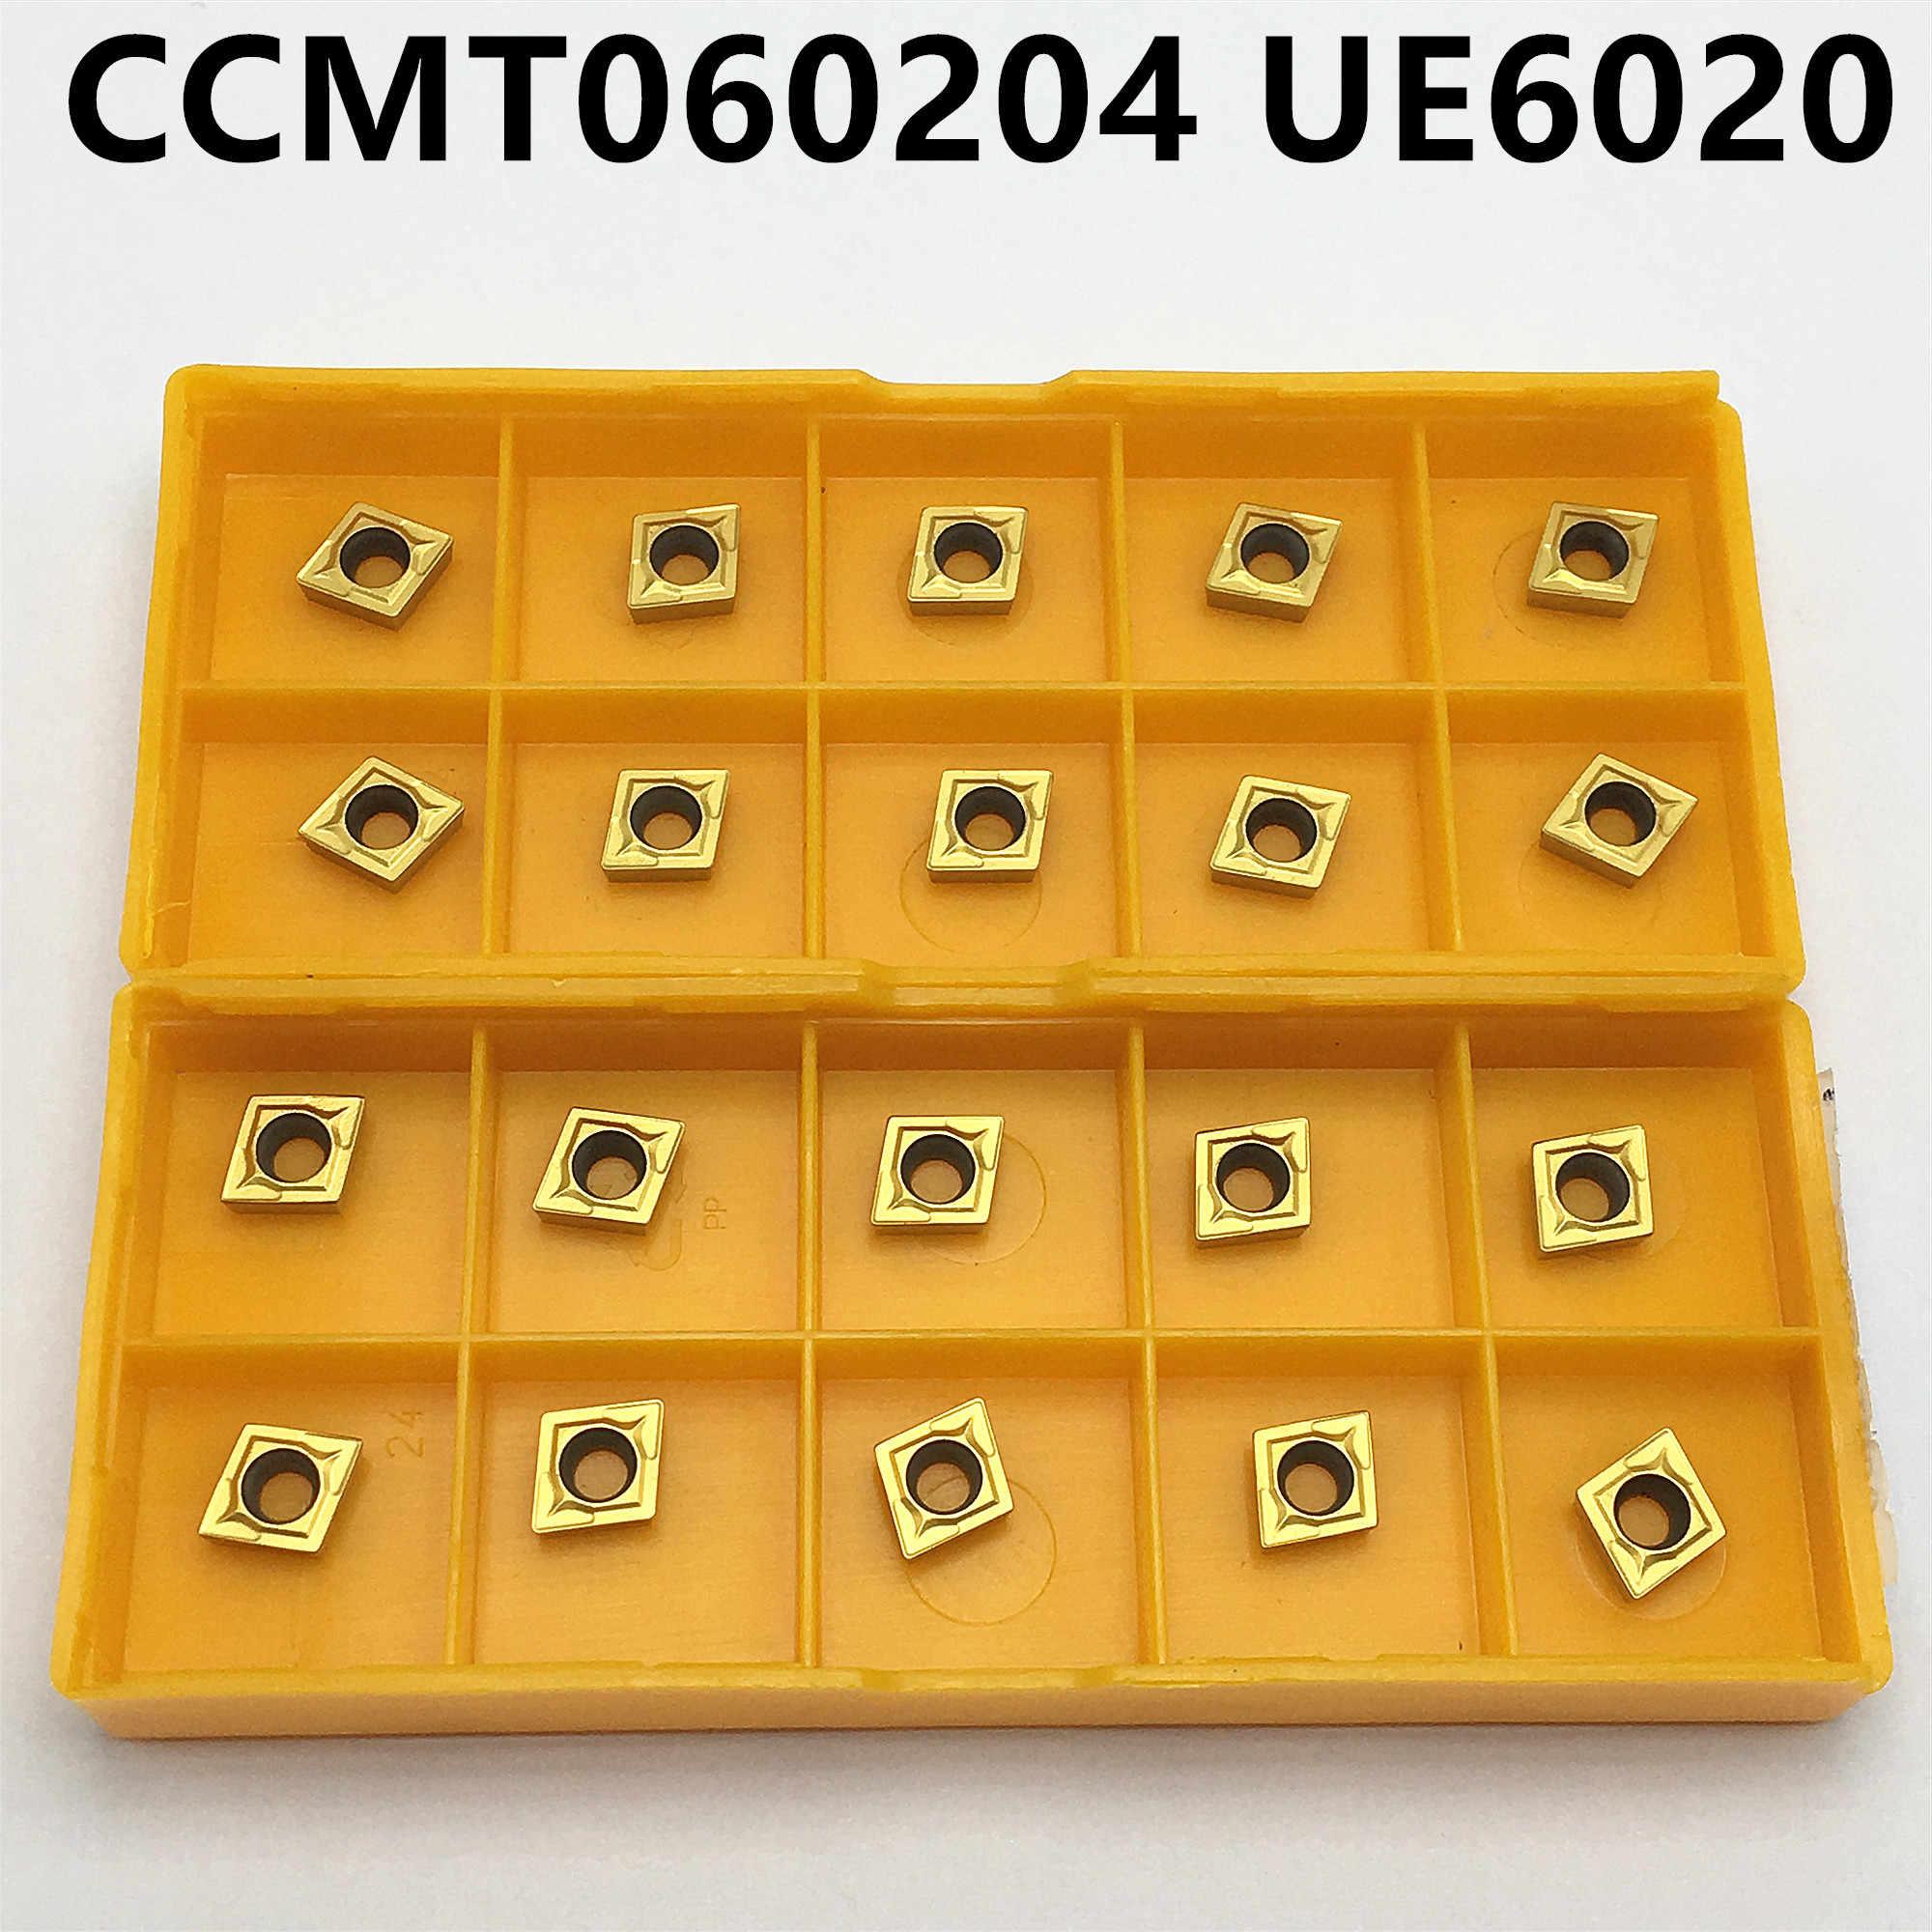 كربيد إدراج CCMT060204 UE6020 CCMT060204 US735 CCMT060204 VP15TF قطع أداة CNC تحول أداة CCMT 060204 قاطعة المطحنة